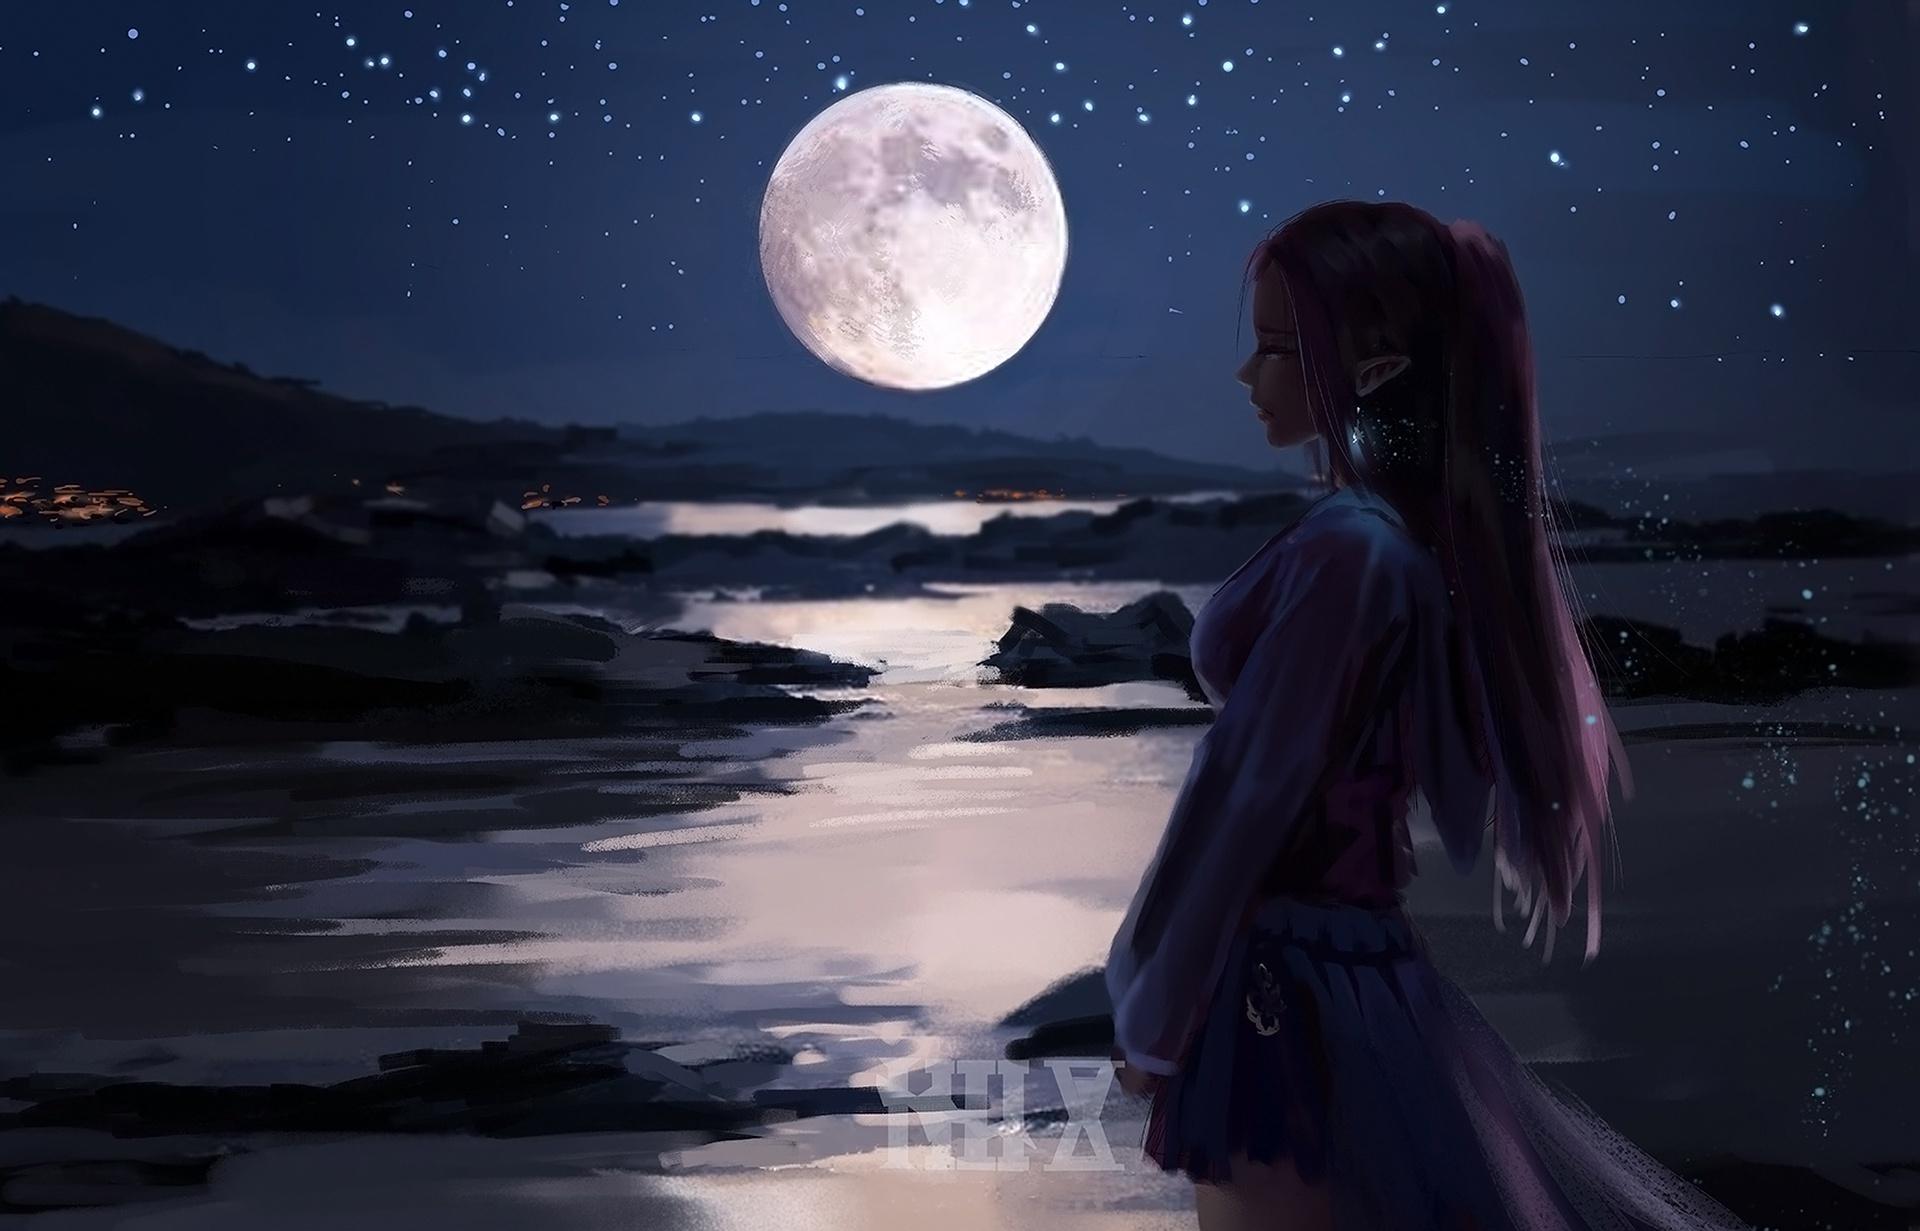 Картинки лунная ночь и звезды сияют в твоих глазах, для новогодних открыток